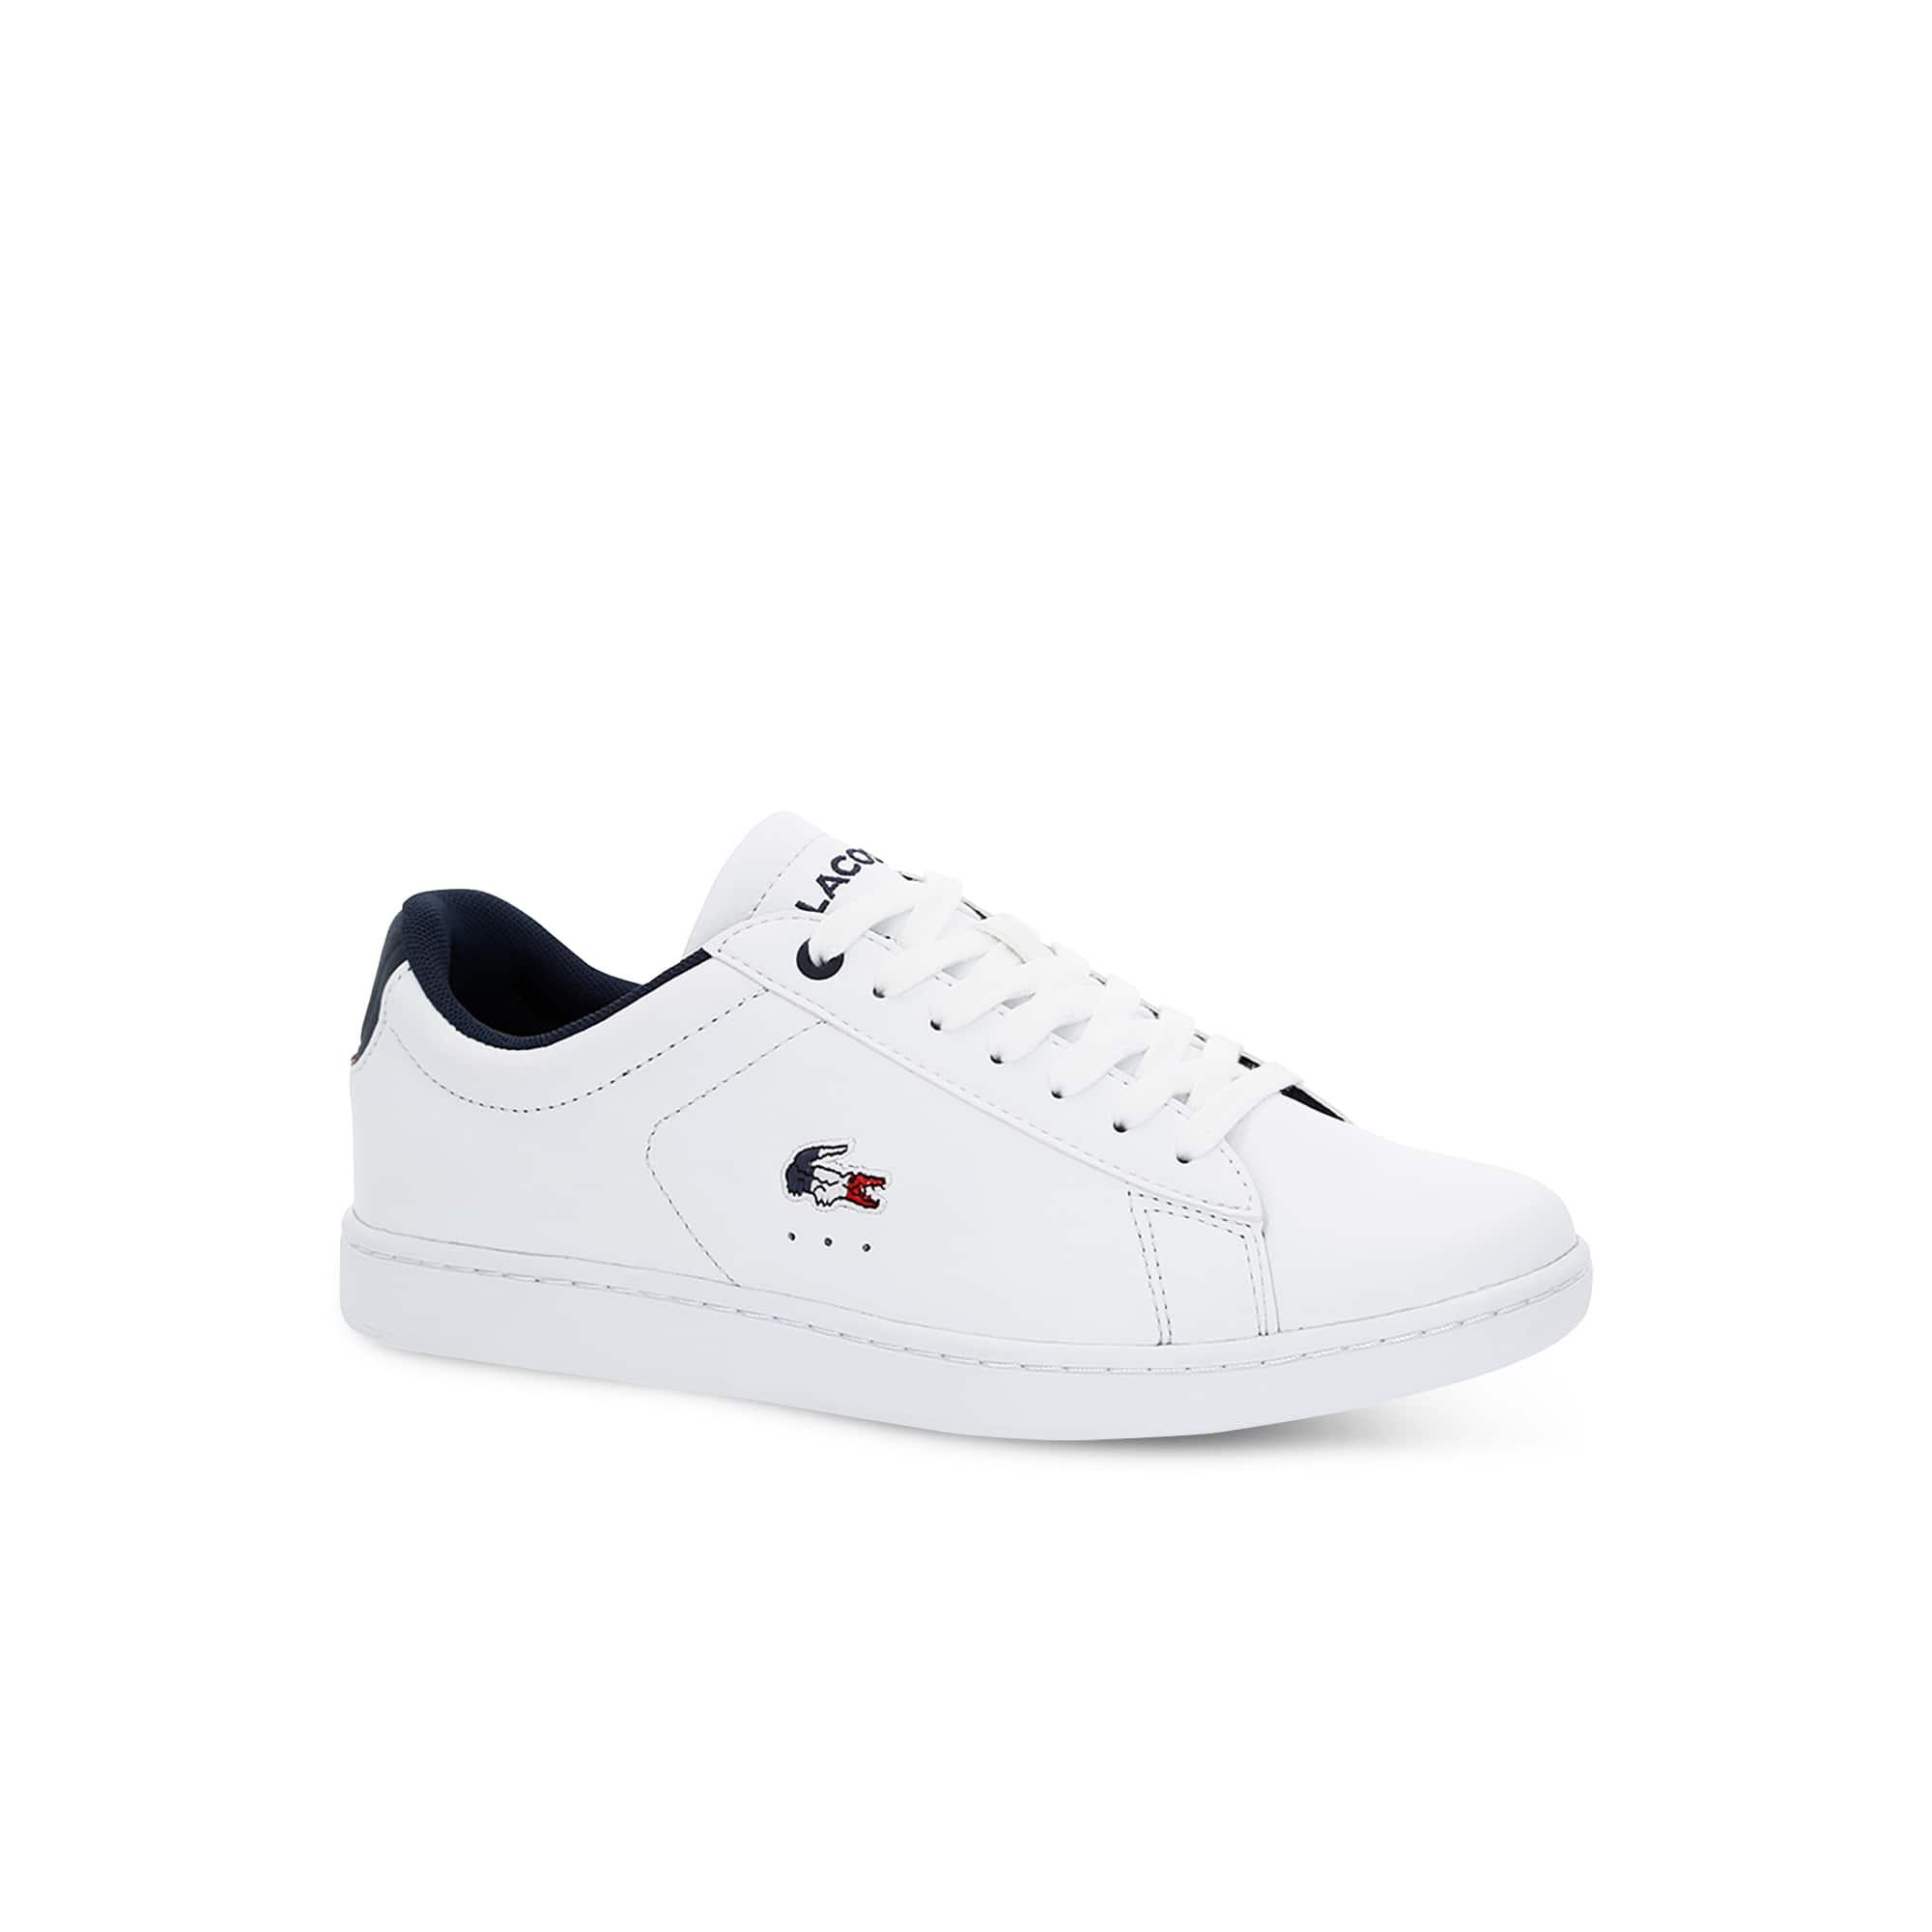 Polos Kleidung Lederwaren Lacoste Und Online rrqwpxf71